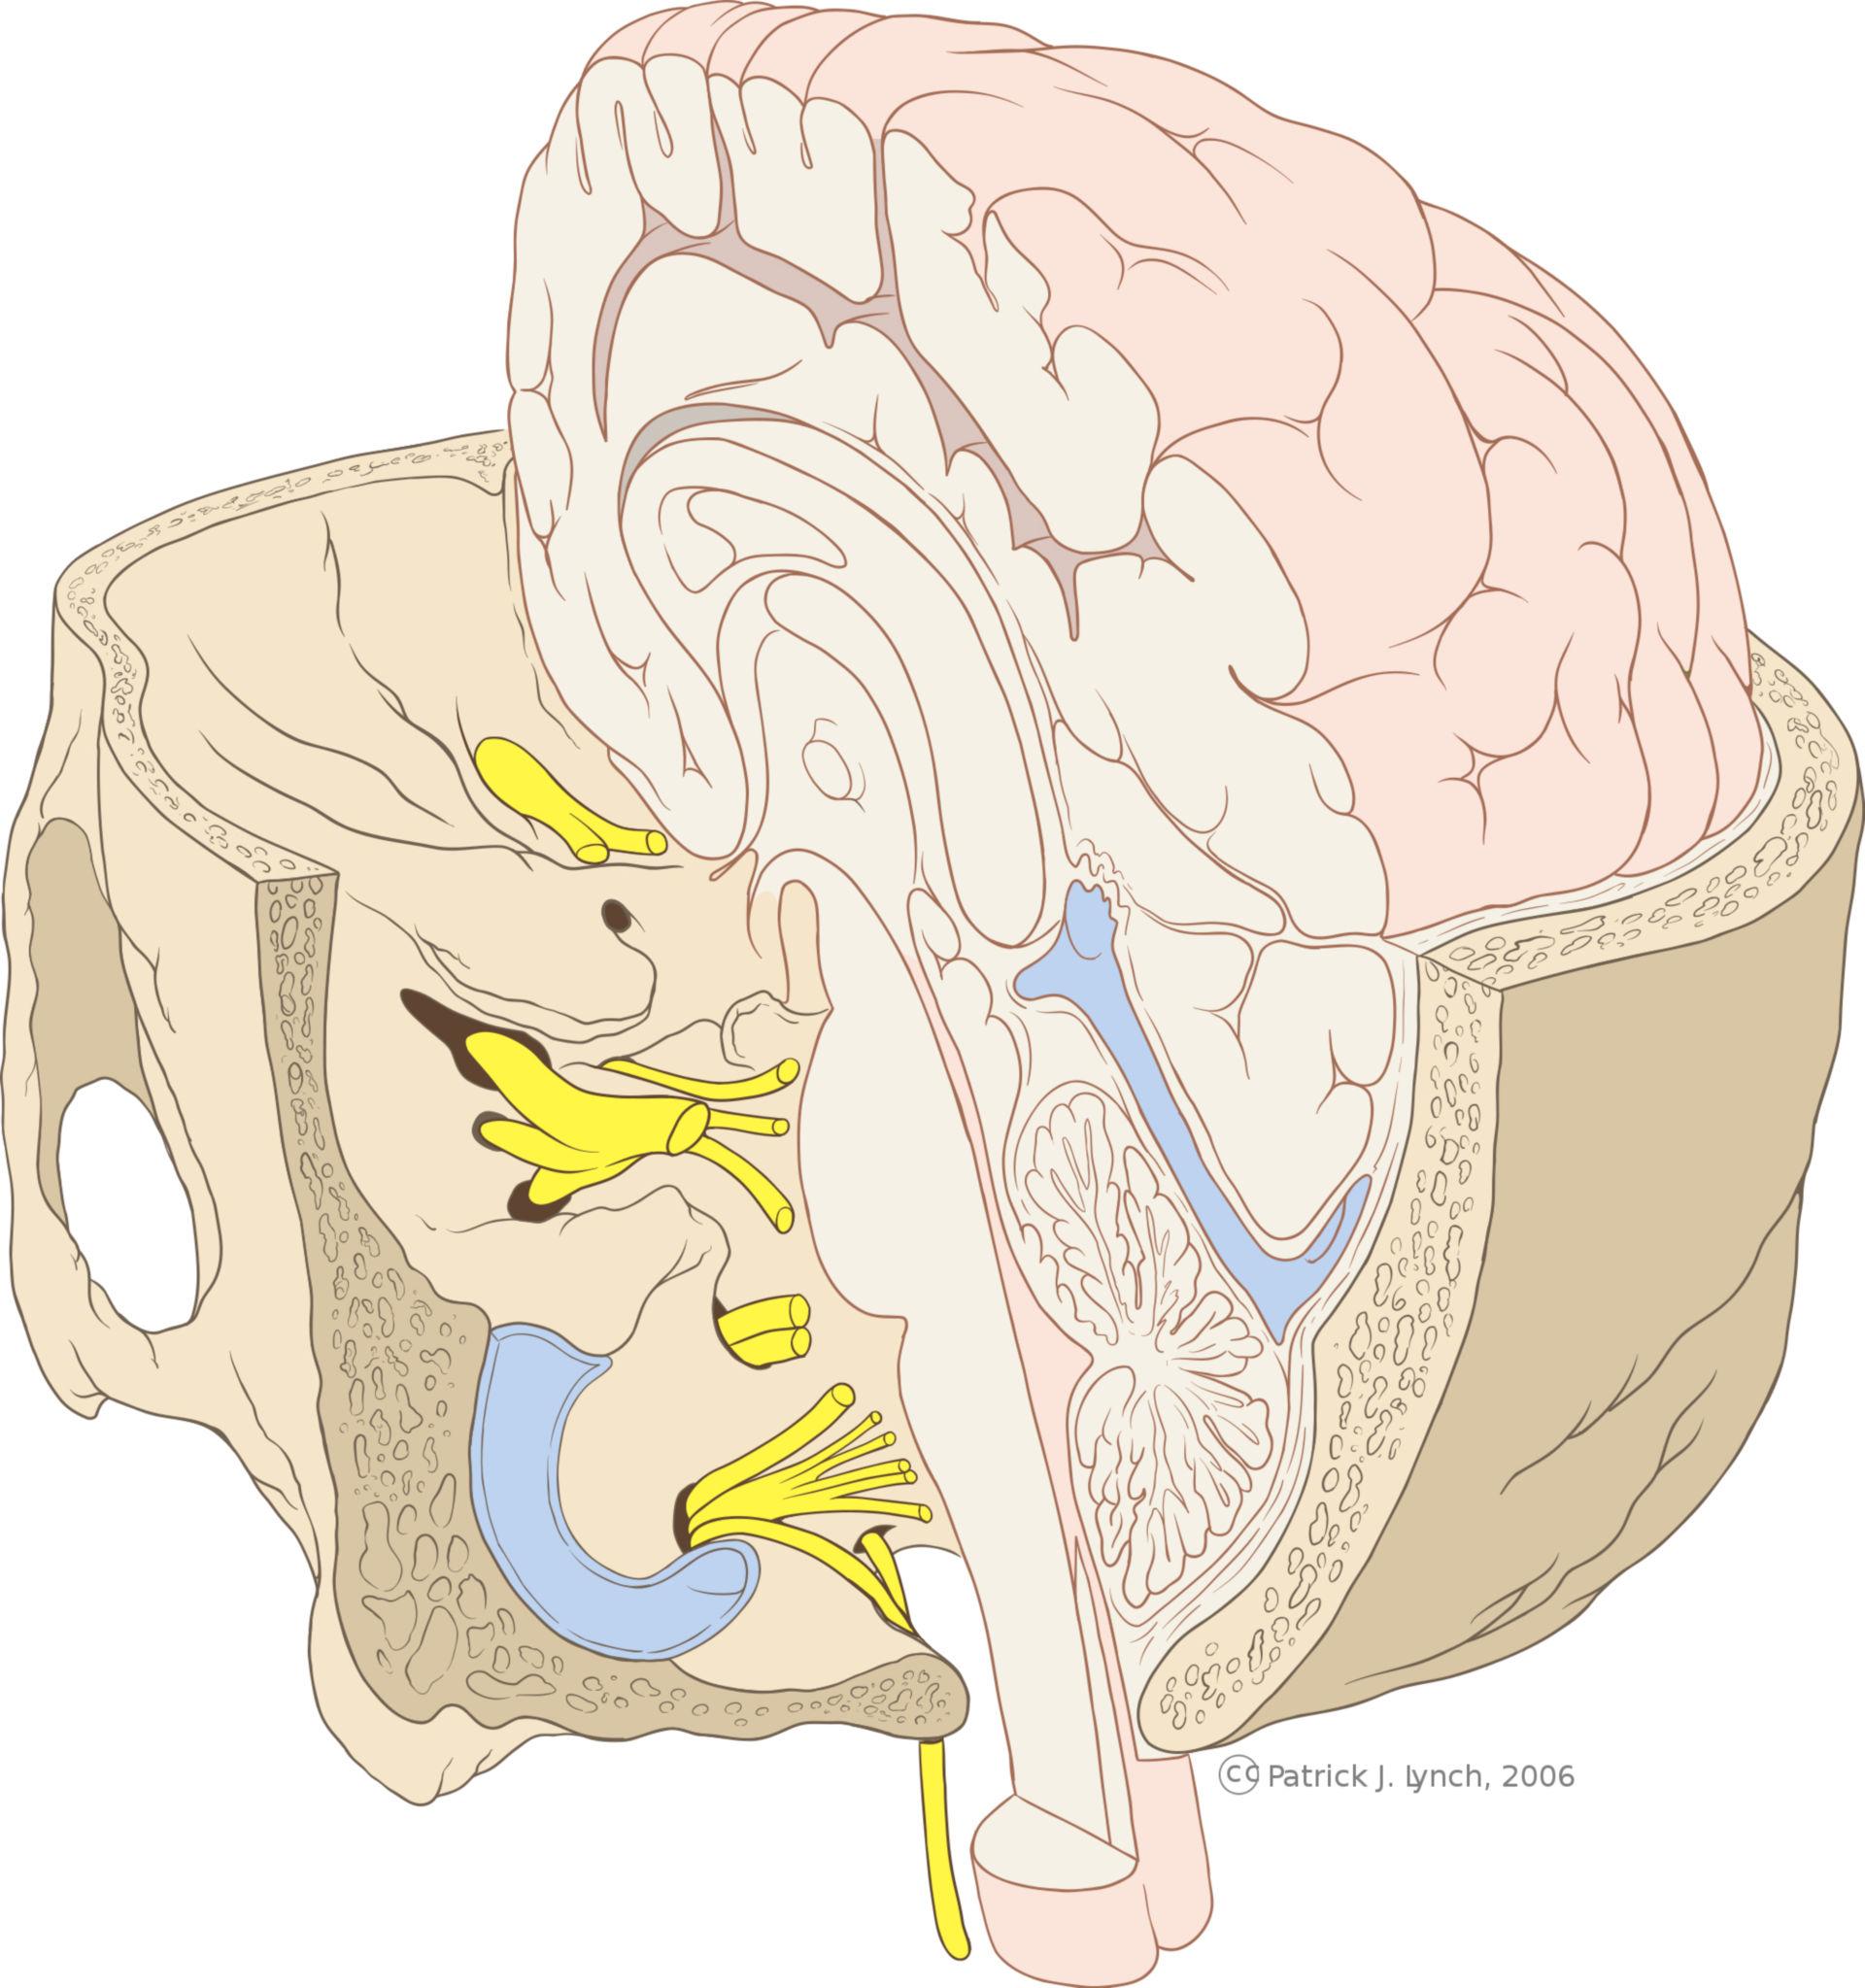 Schädel mit Hirnstamm (Illustration)